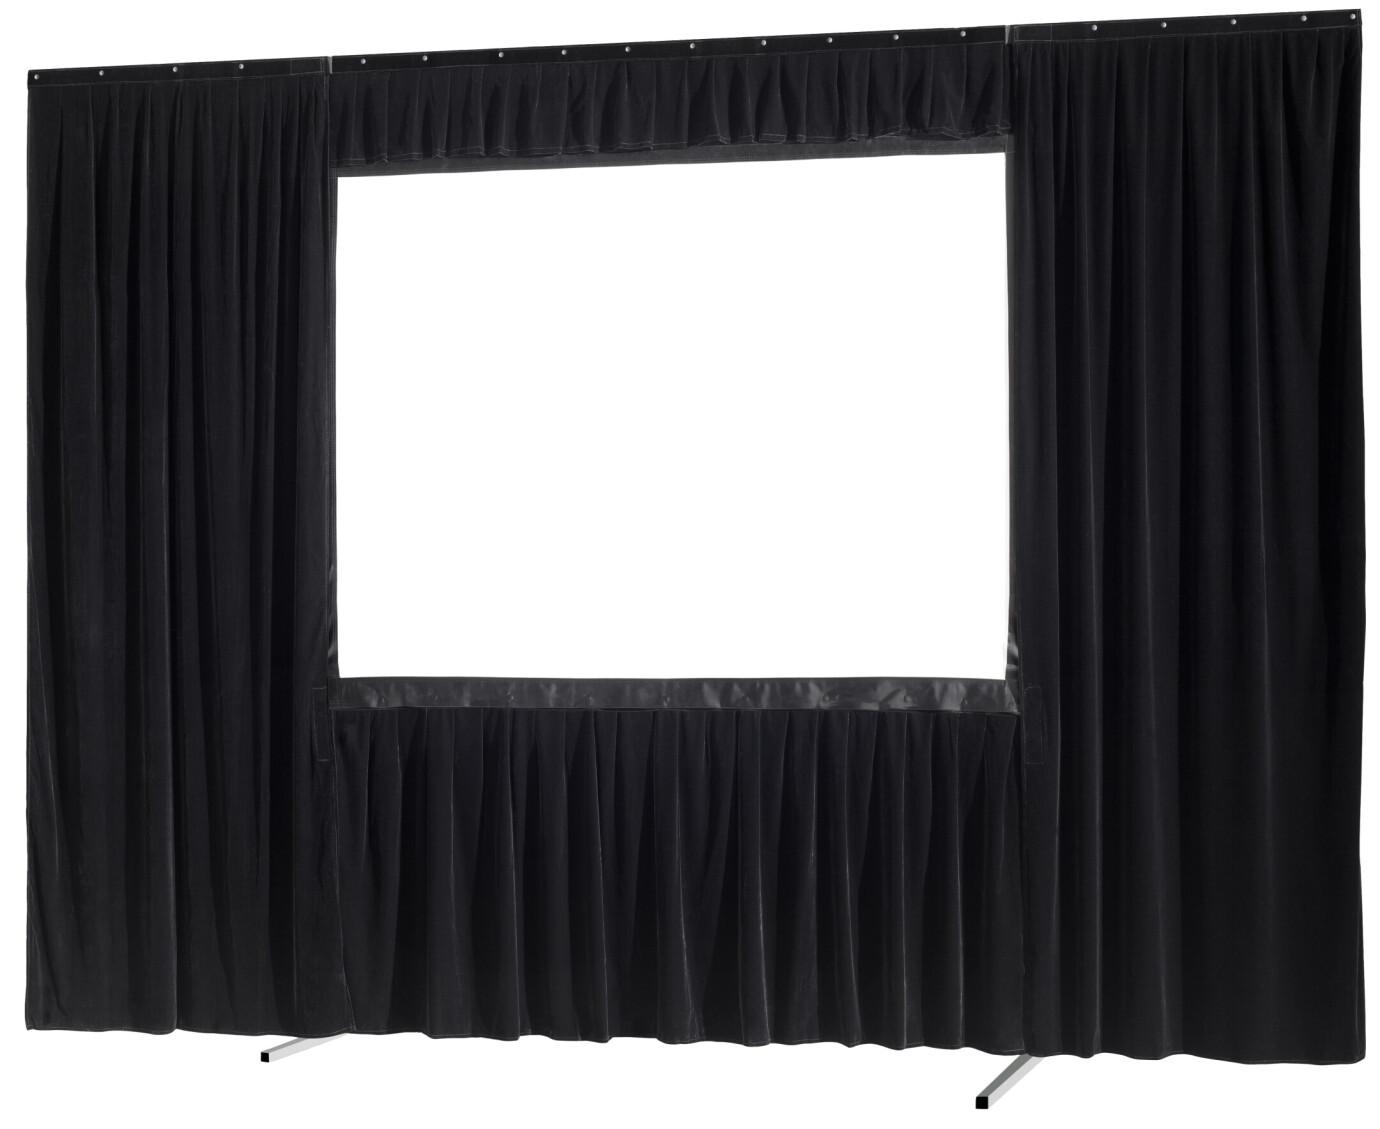 Set de cortinas de 4 piezas celexon para pantalla de marco plegable Mobile Expert 366 x 274 cm